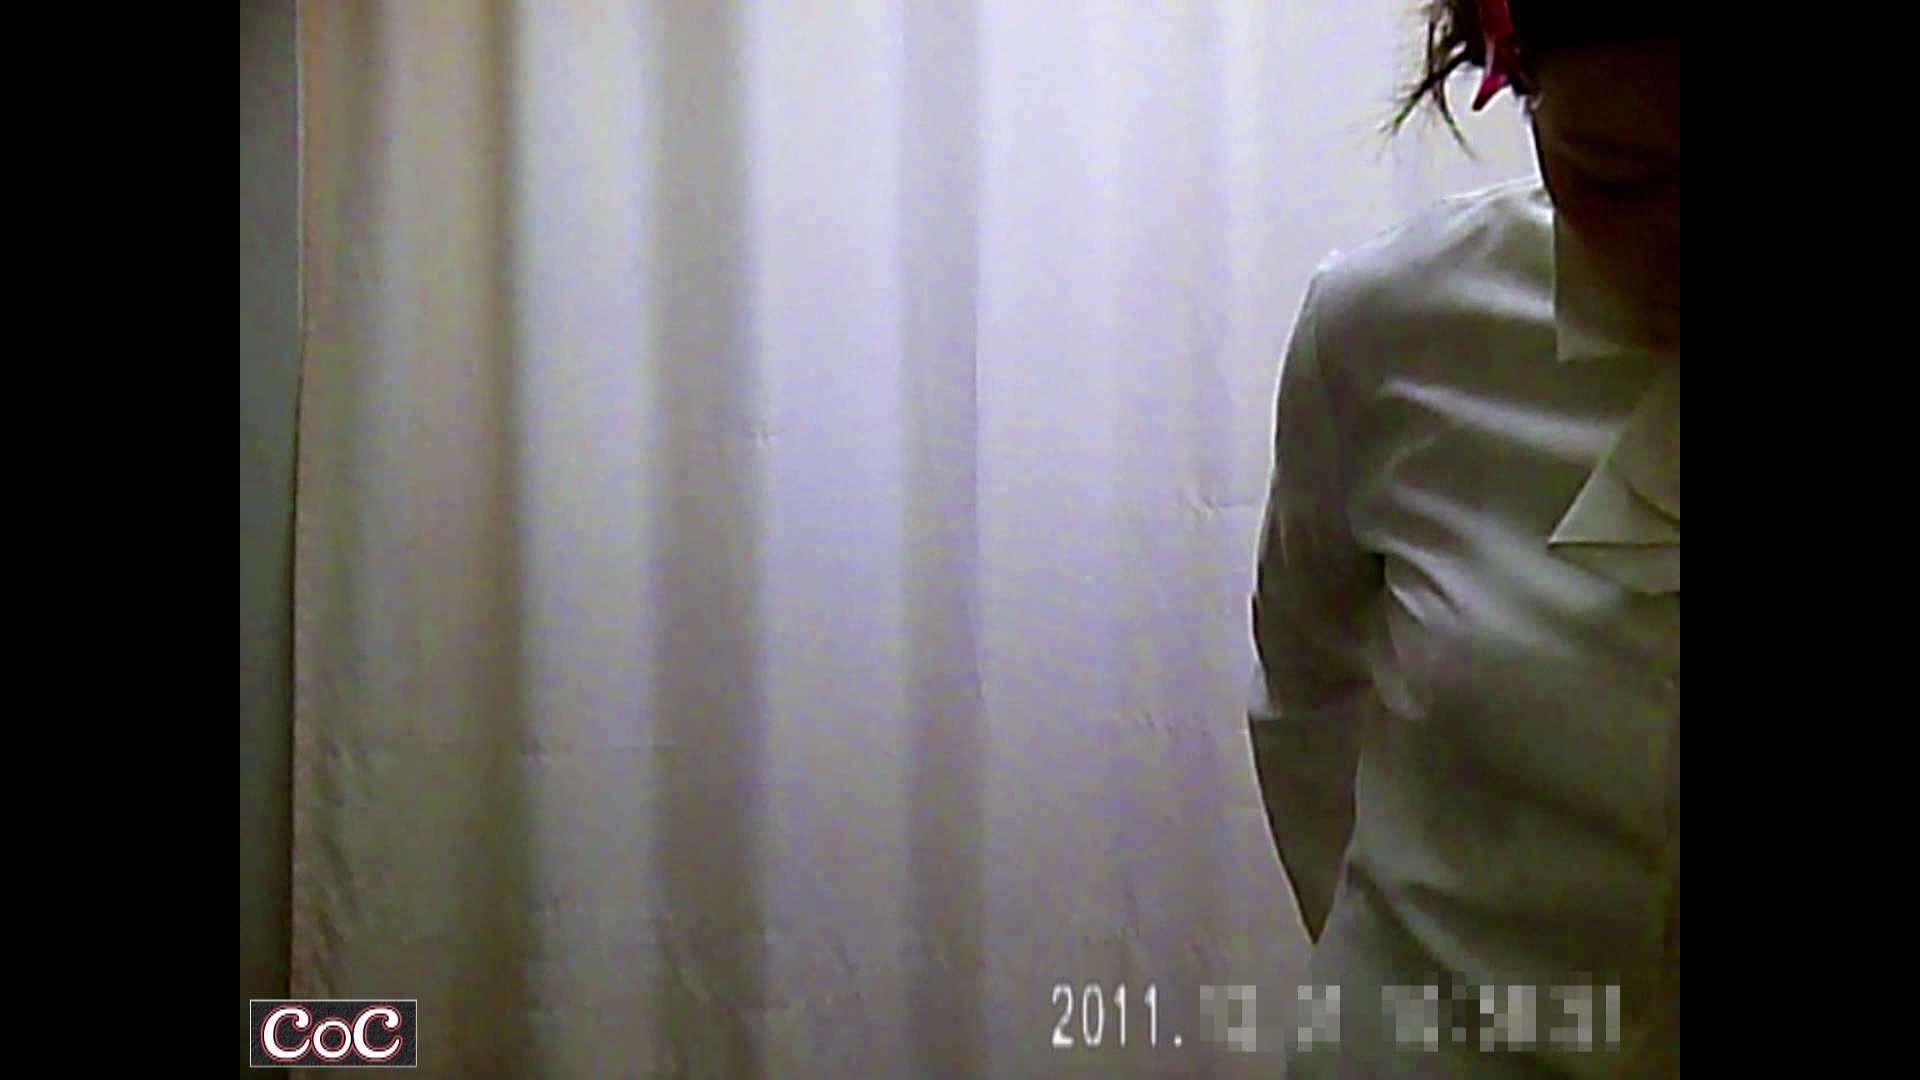 元医者による反抗 更衣室地獄絵巻 vol.189 OL  88pic 49